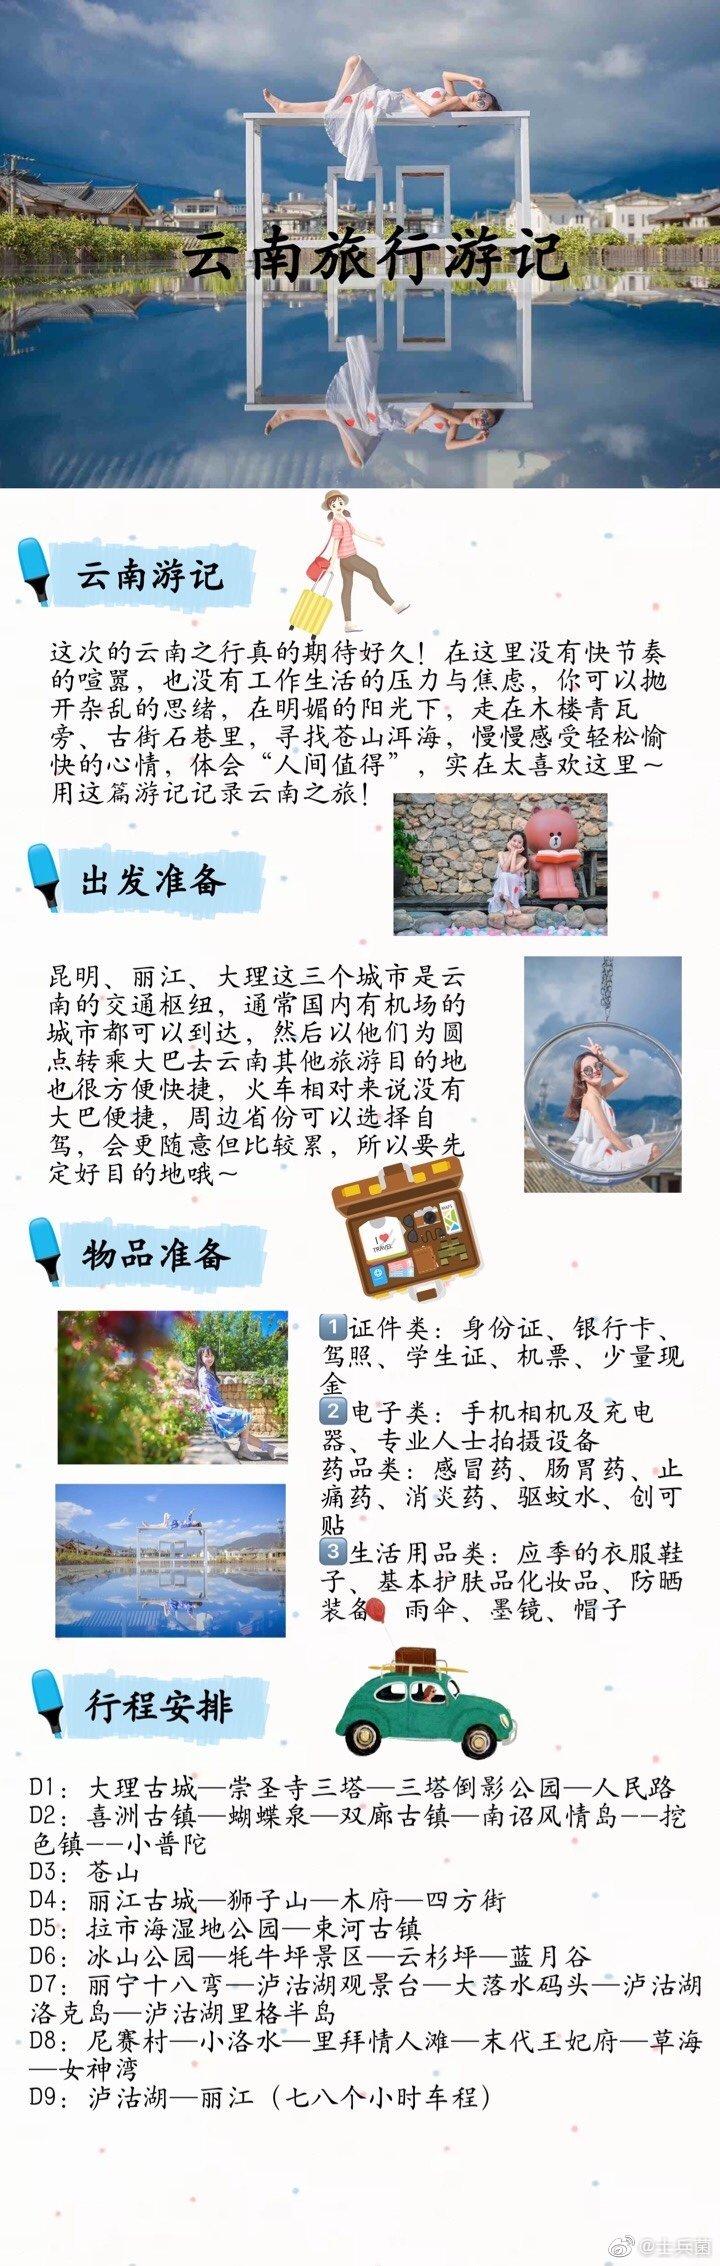 云南旅游攻略详细篇